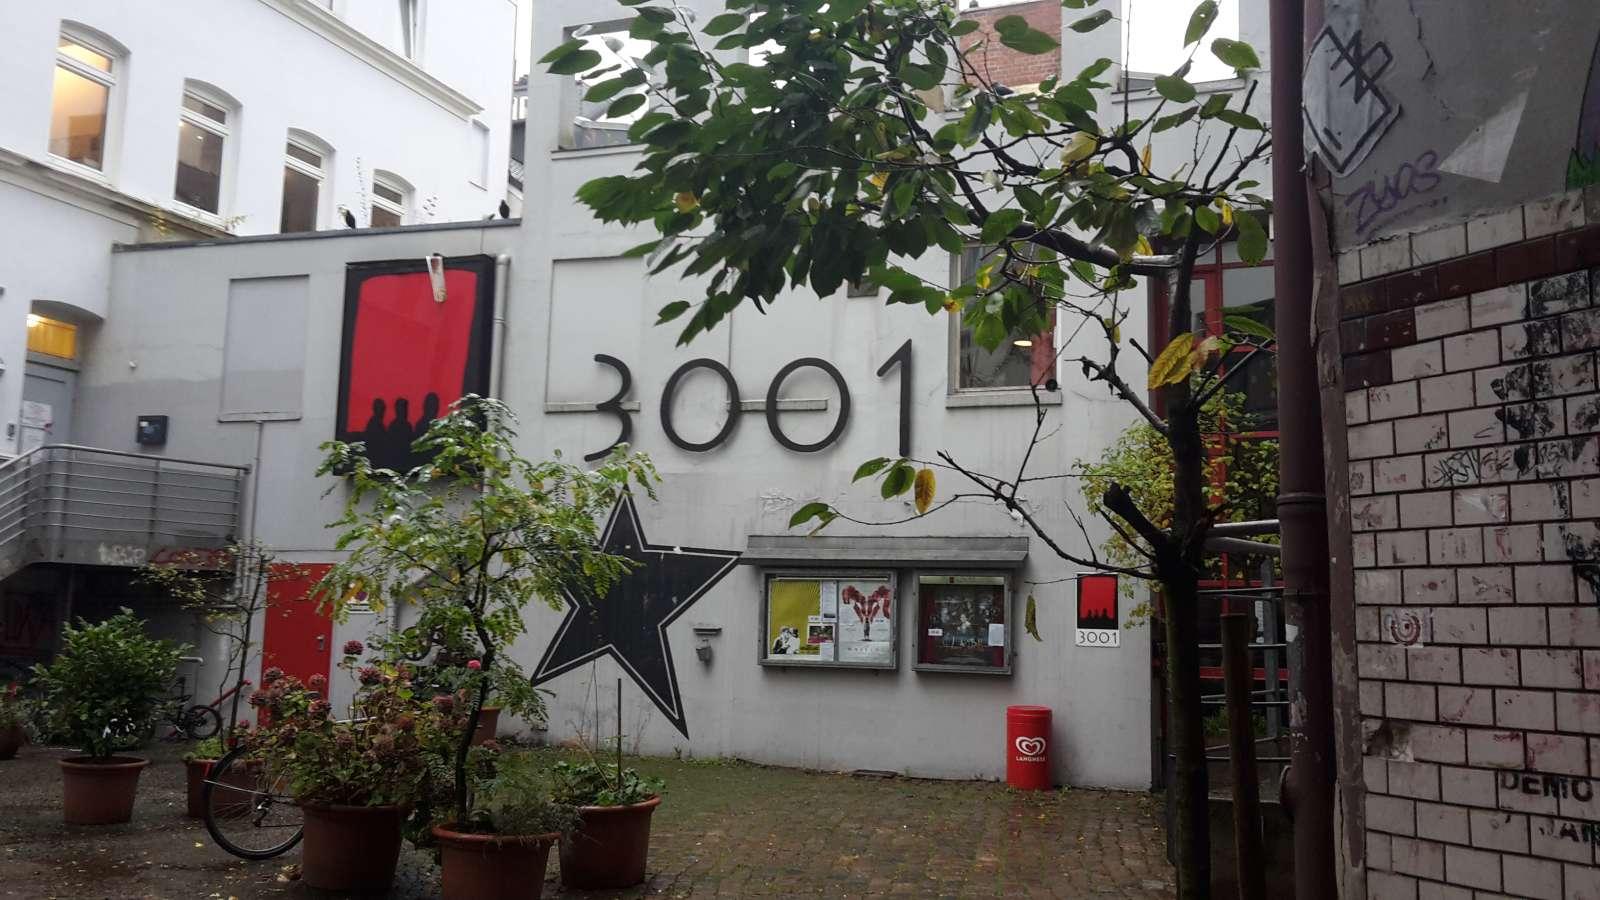 3001-Kino in de Schanzenhöfen